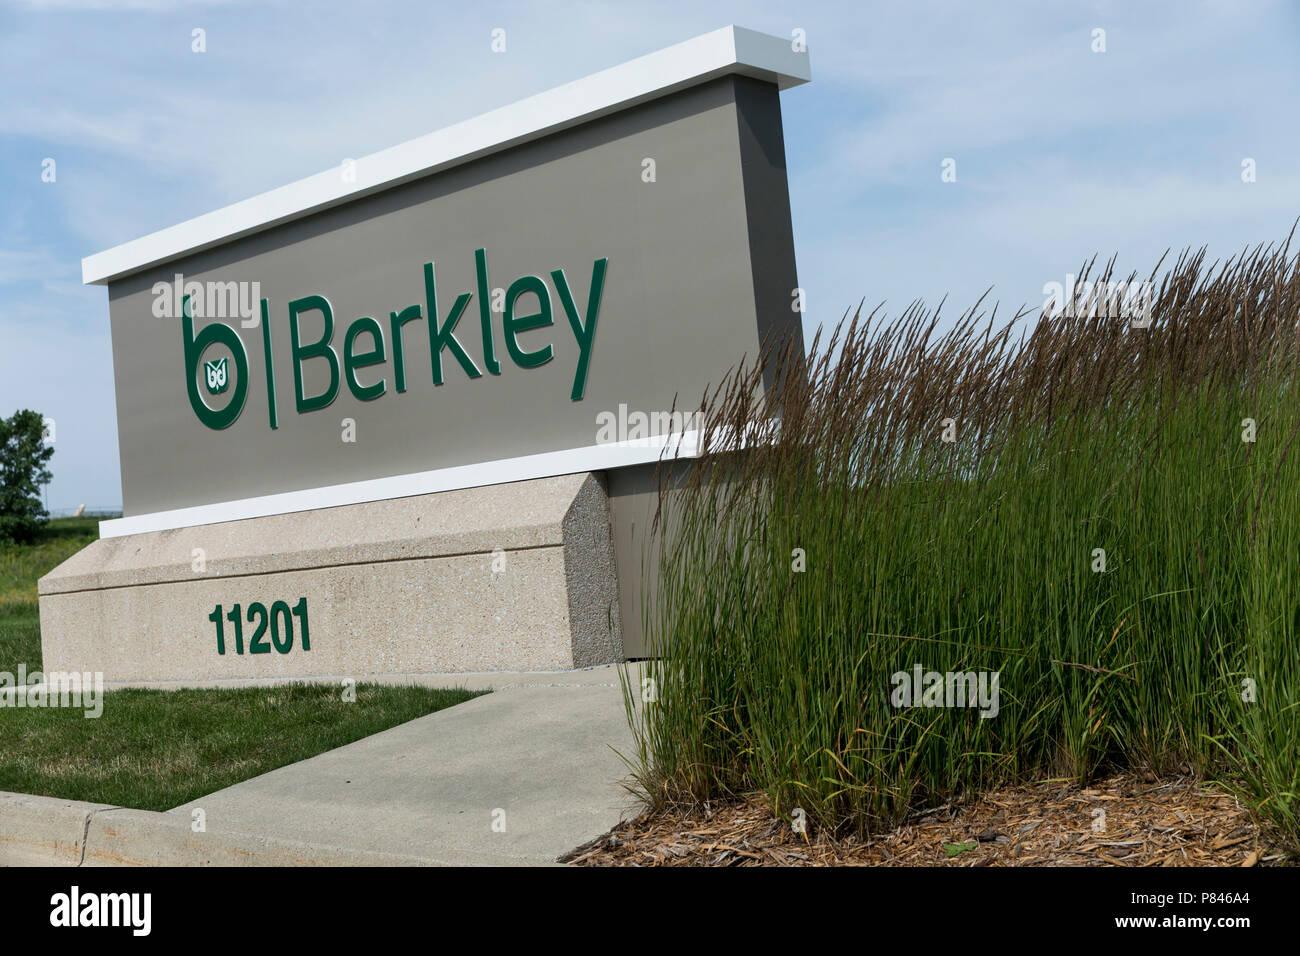 The Berkley Stock Photos & The Berkley Stock Images - Alamy